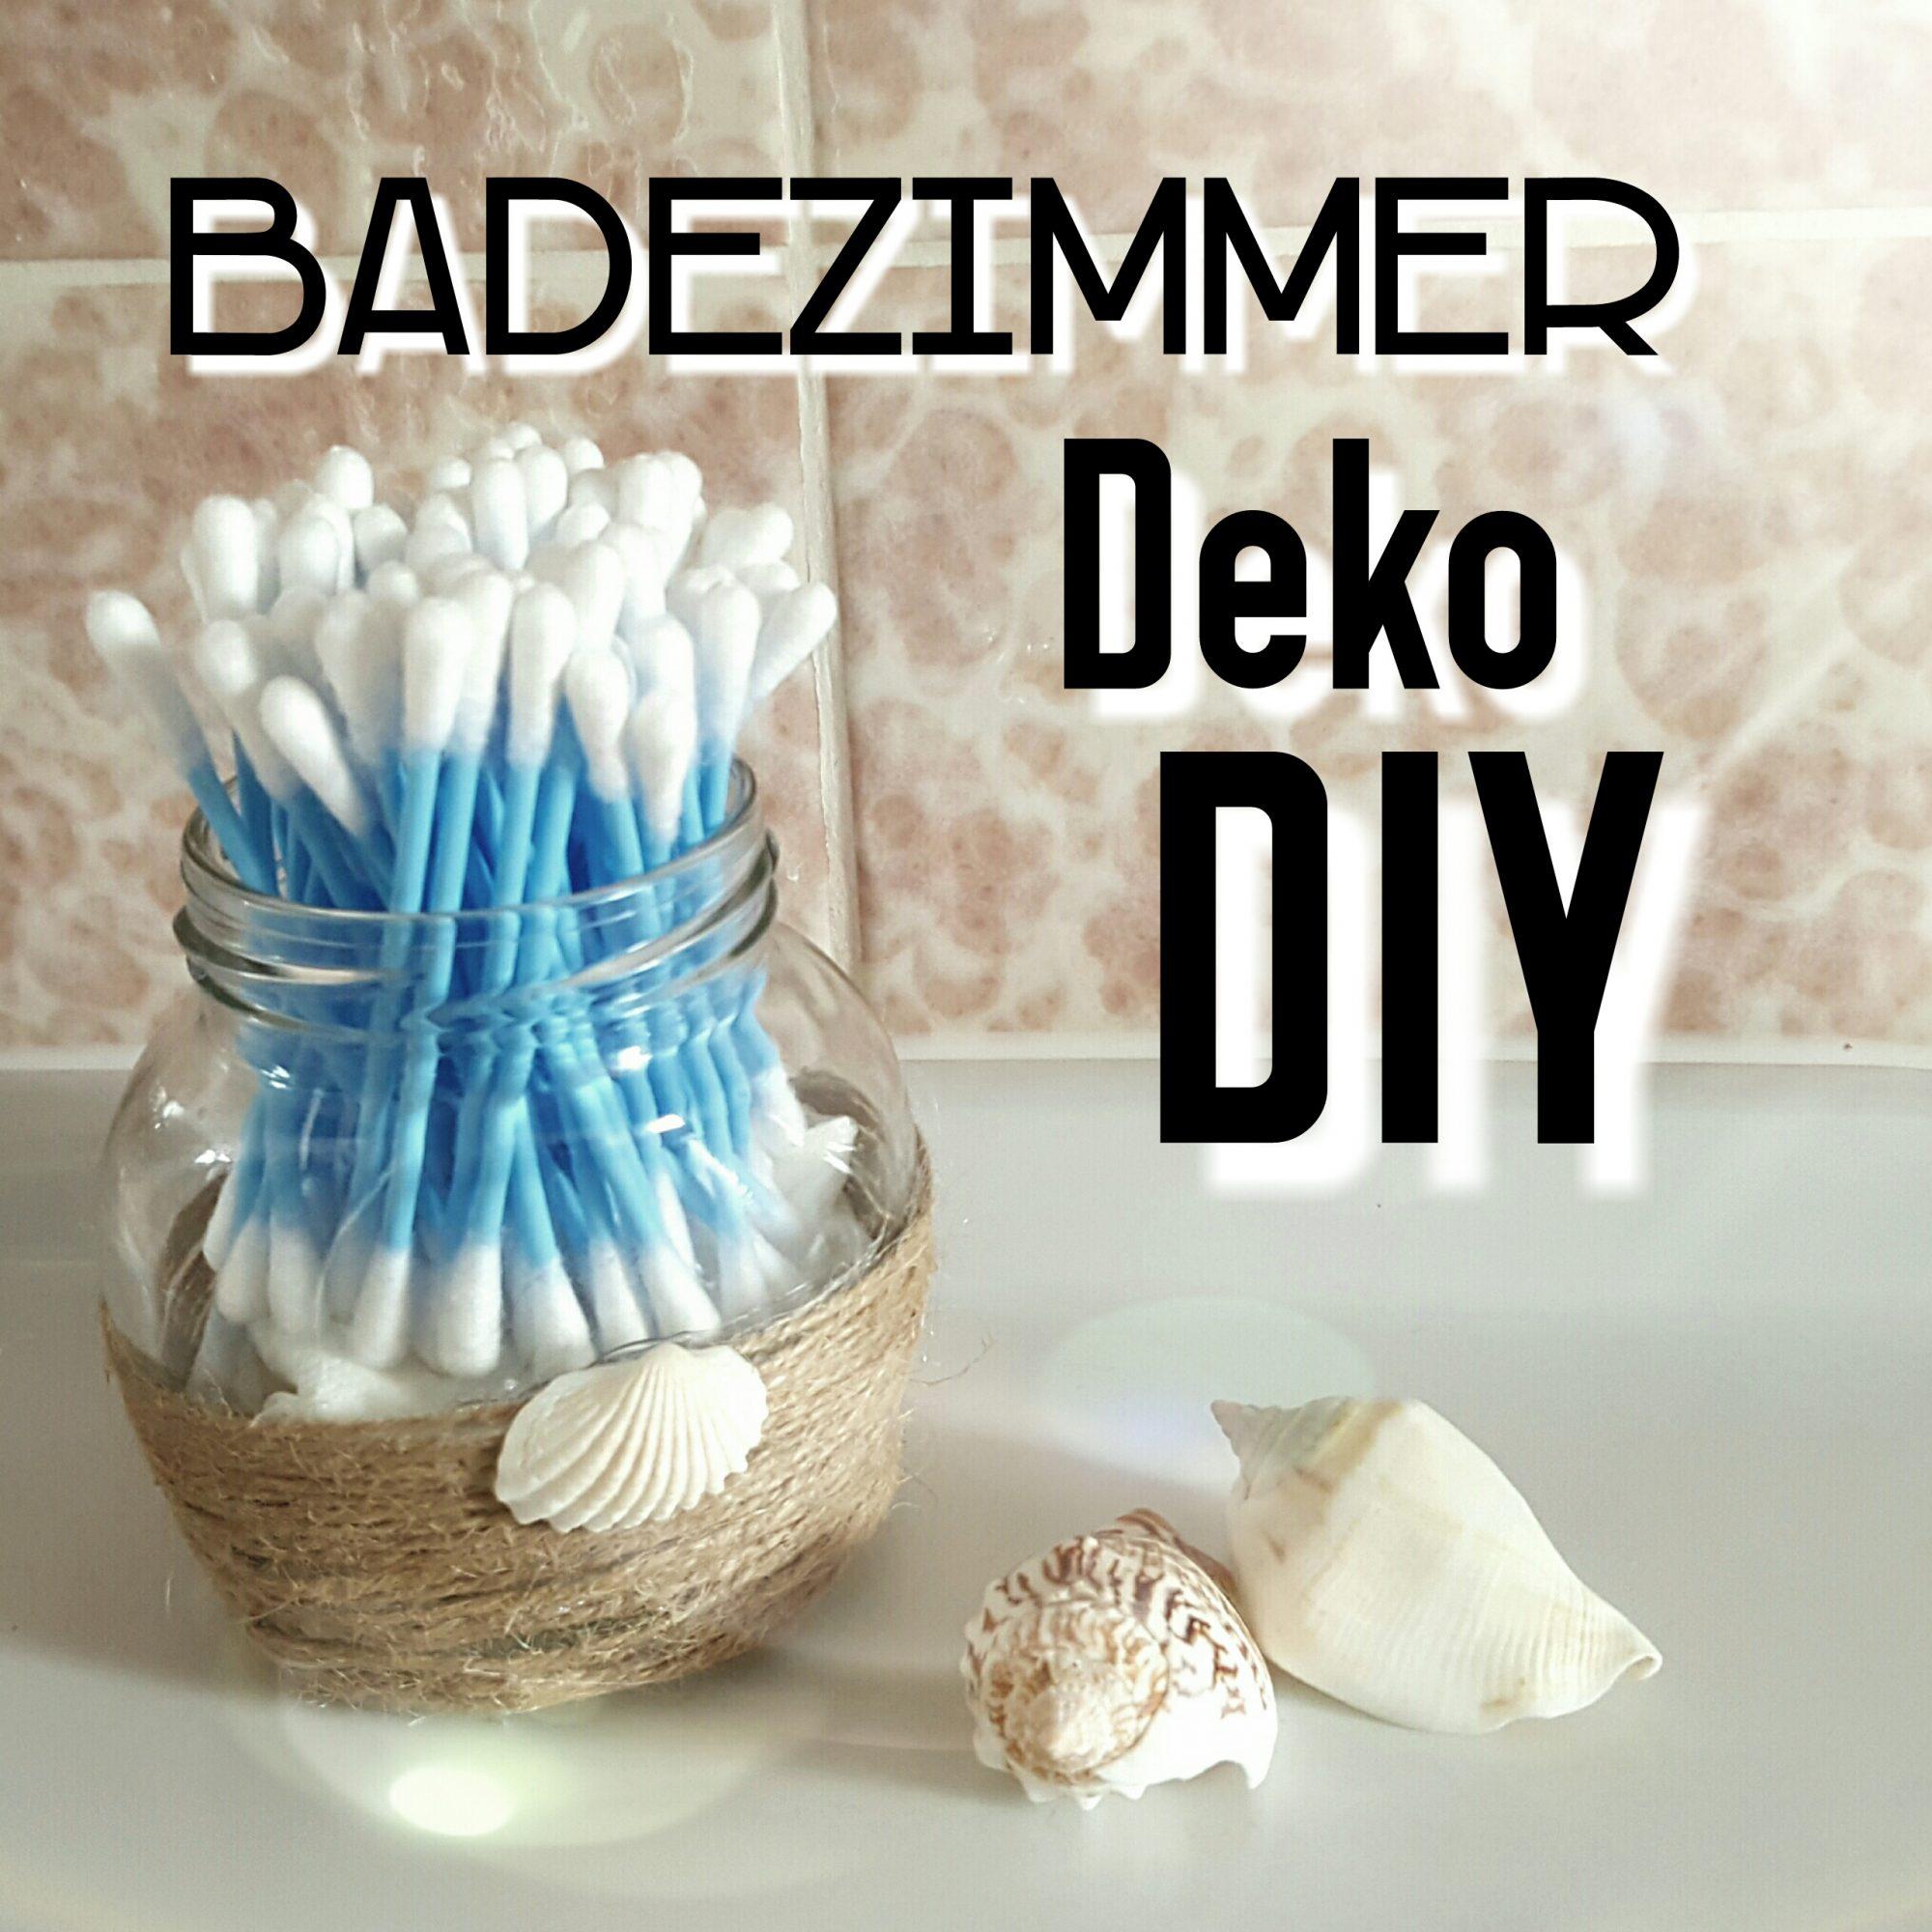 Badezimmer Deko DIY - \